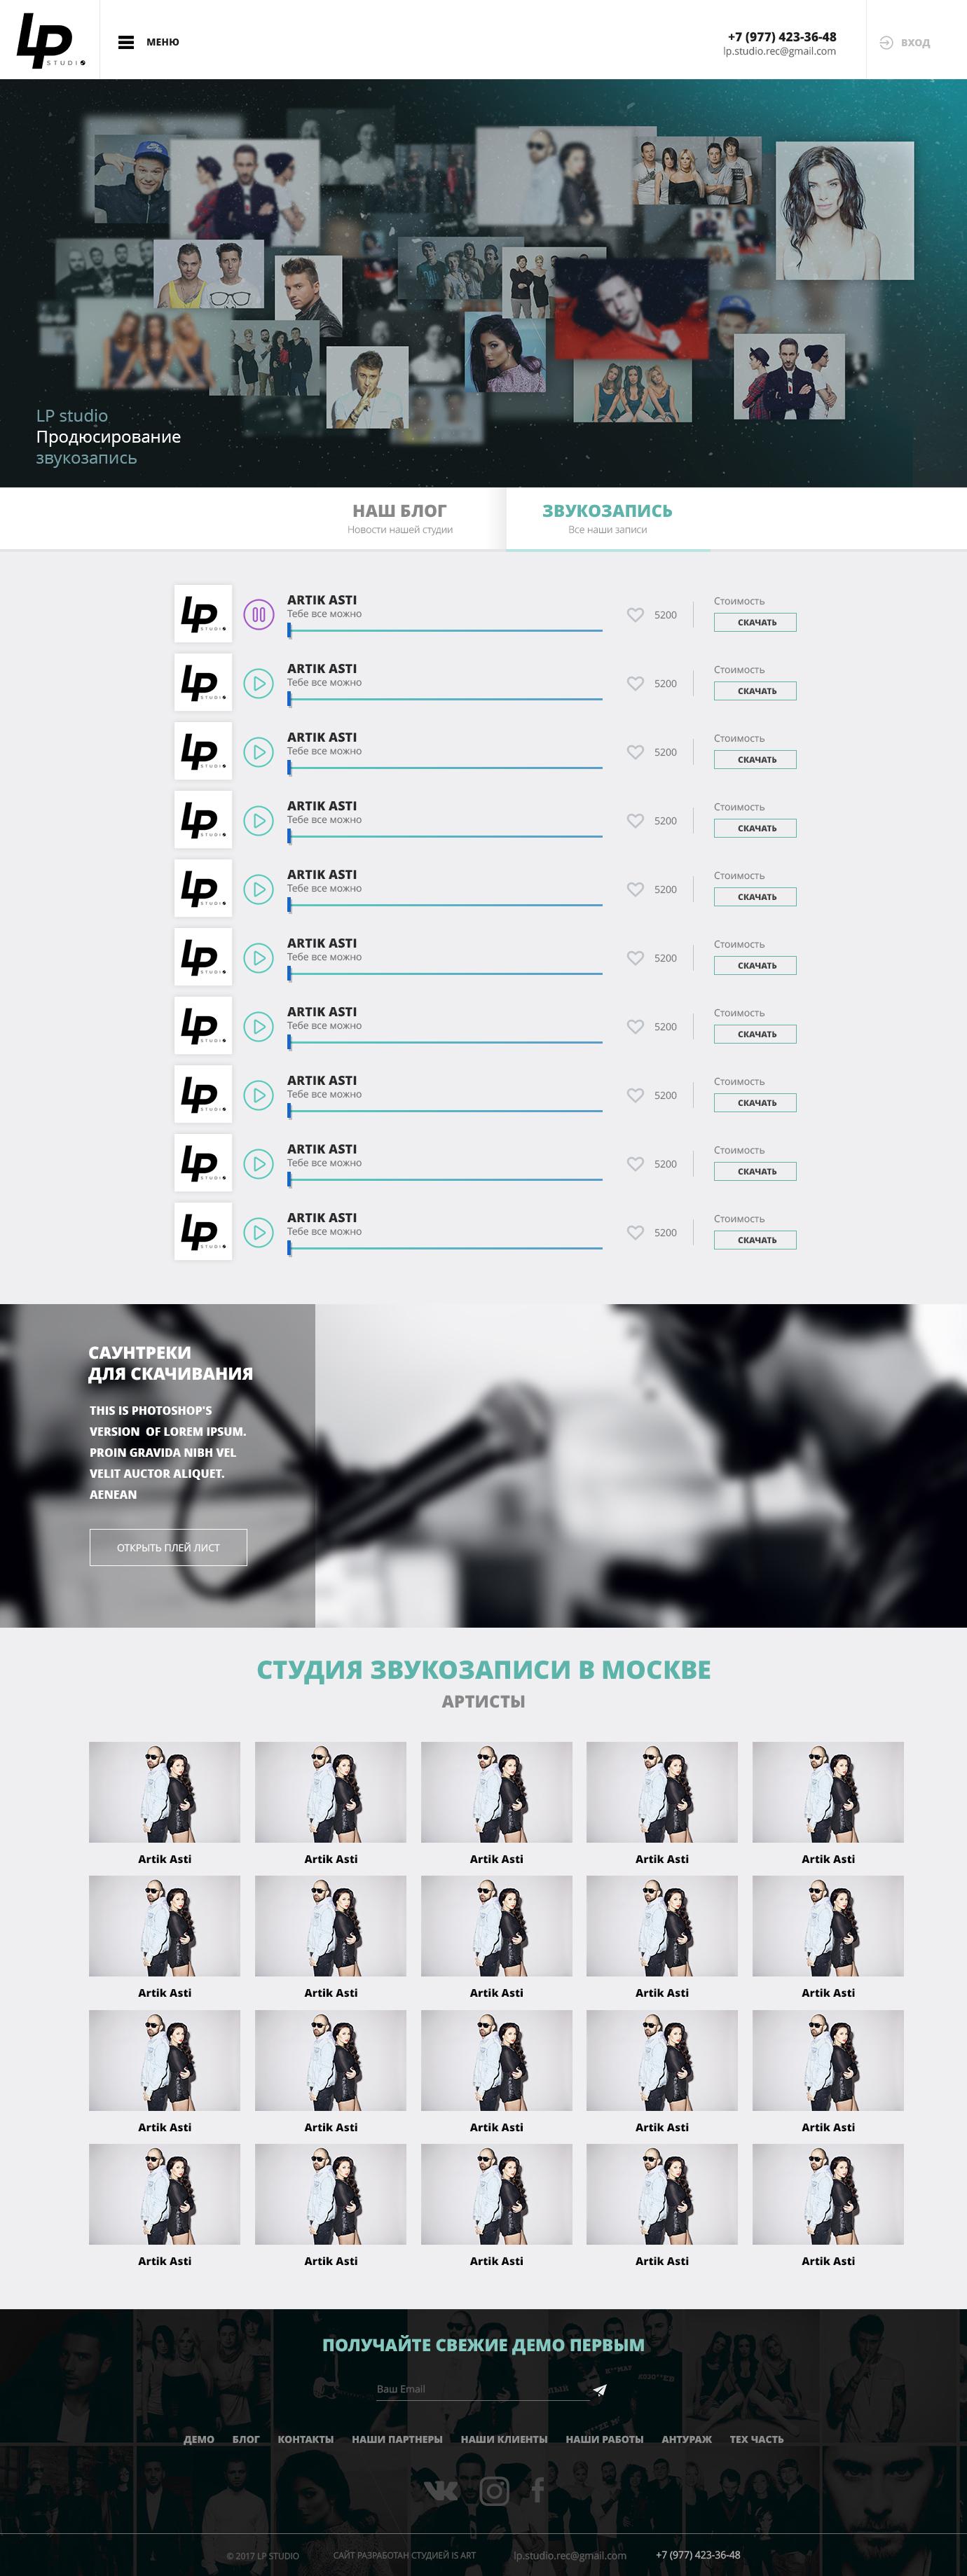 Макет сайта Сайт продюсерский студии 9